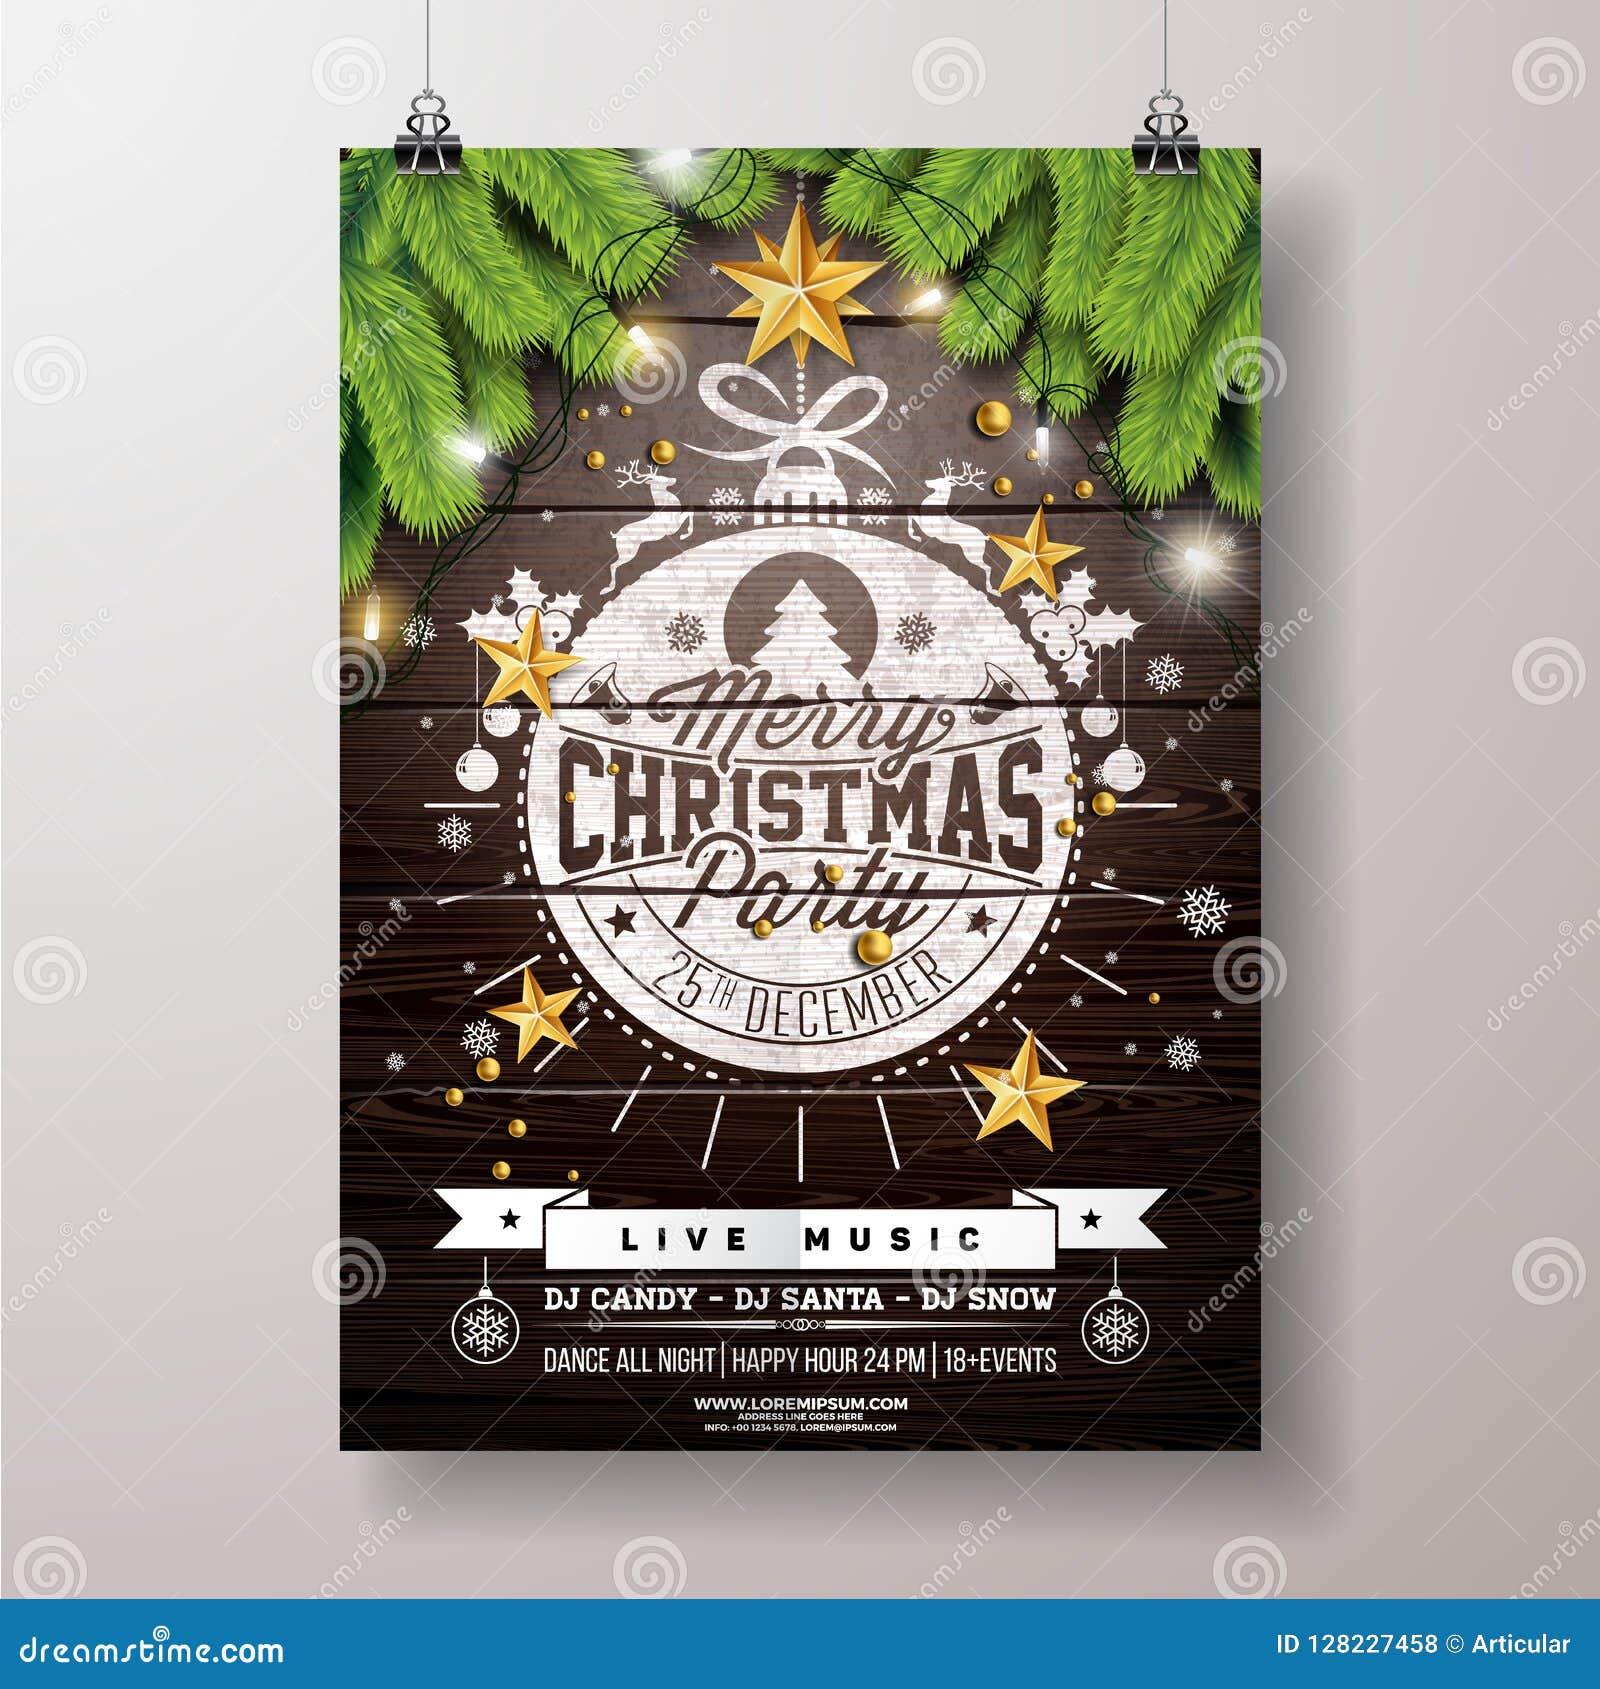 Απεικόνιση ιπτάμενων γιορτής Χριστουγέννων με το χρυσό αστέρι και το γράφοντας ξύλινο υπόβαθρο onVintage τυπογραφίας Διανυσματικό